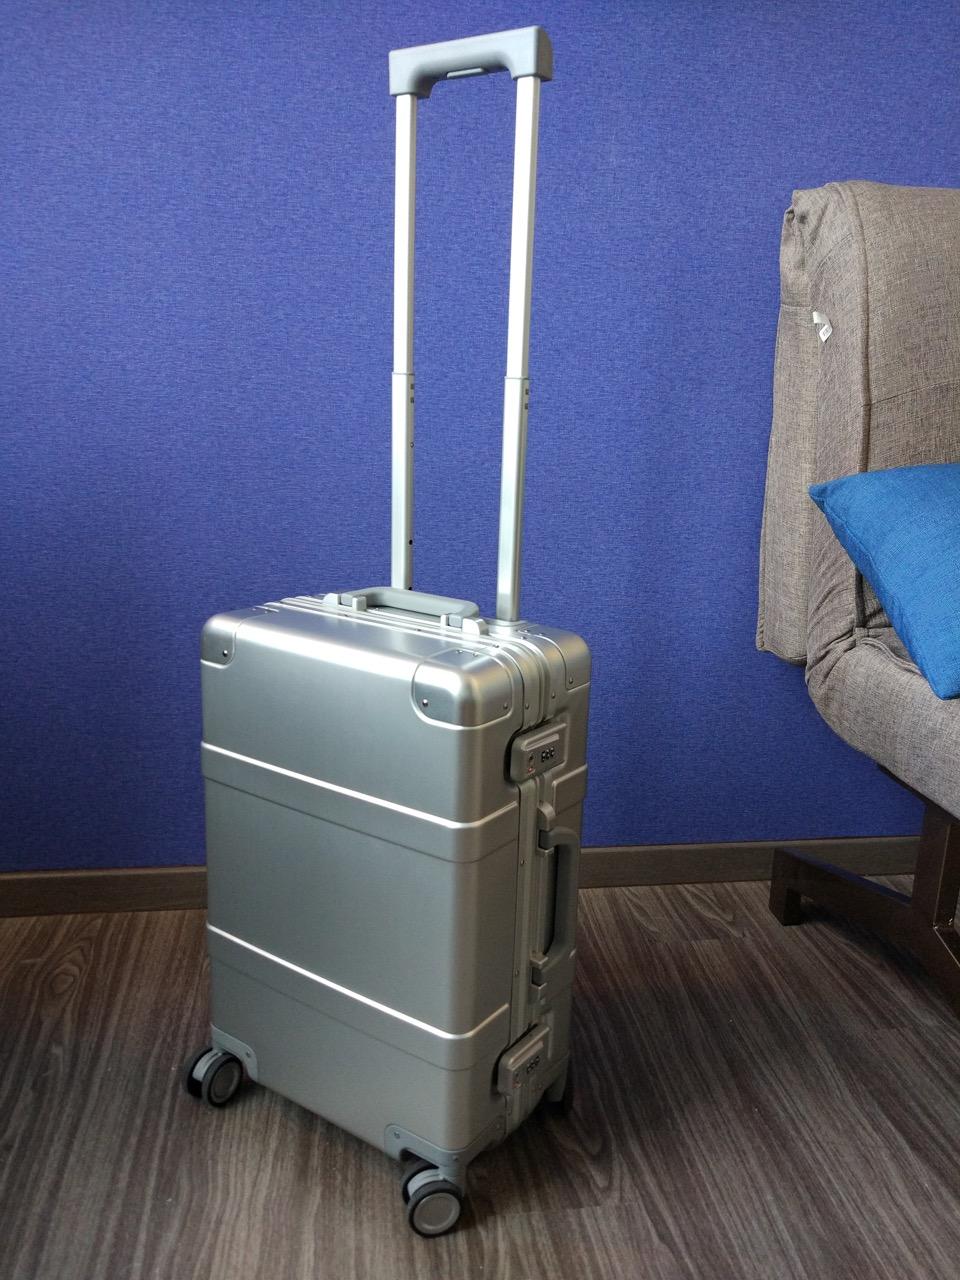 xiaomi-mi-90-smart-metal-luggage-suitcase-ready-to-go